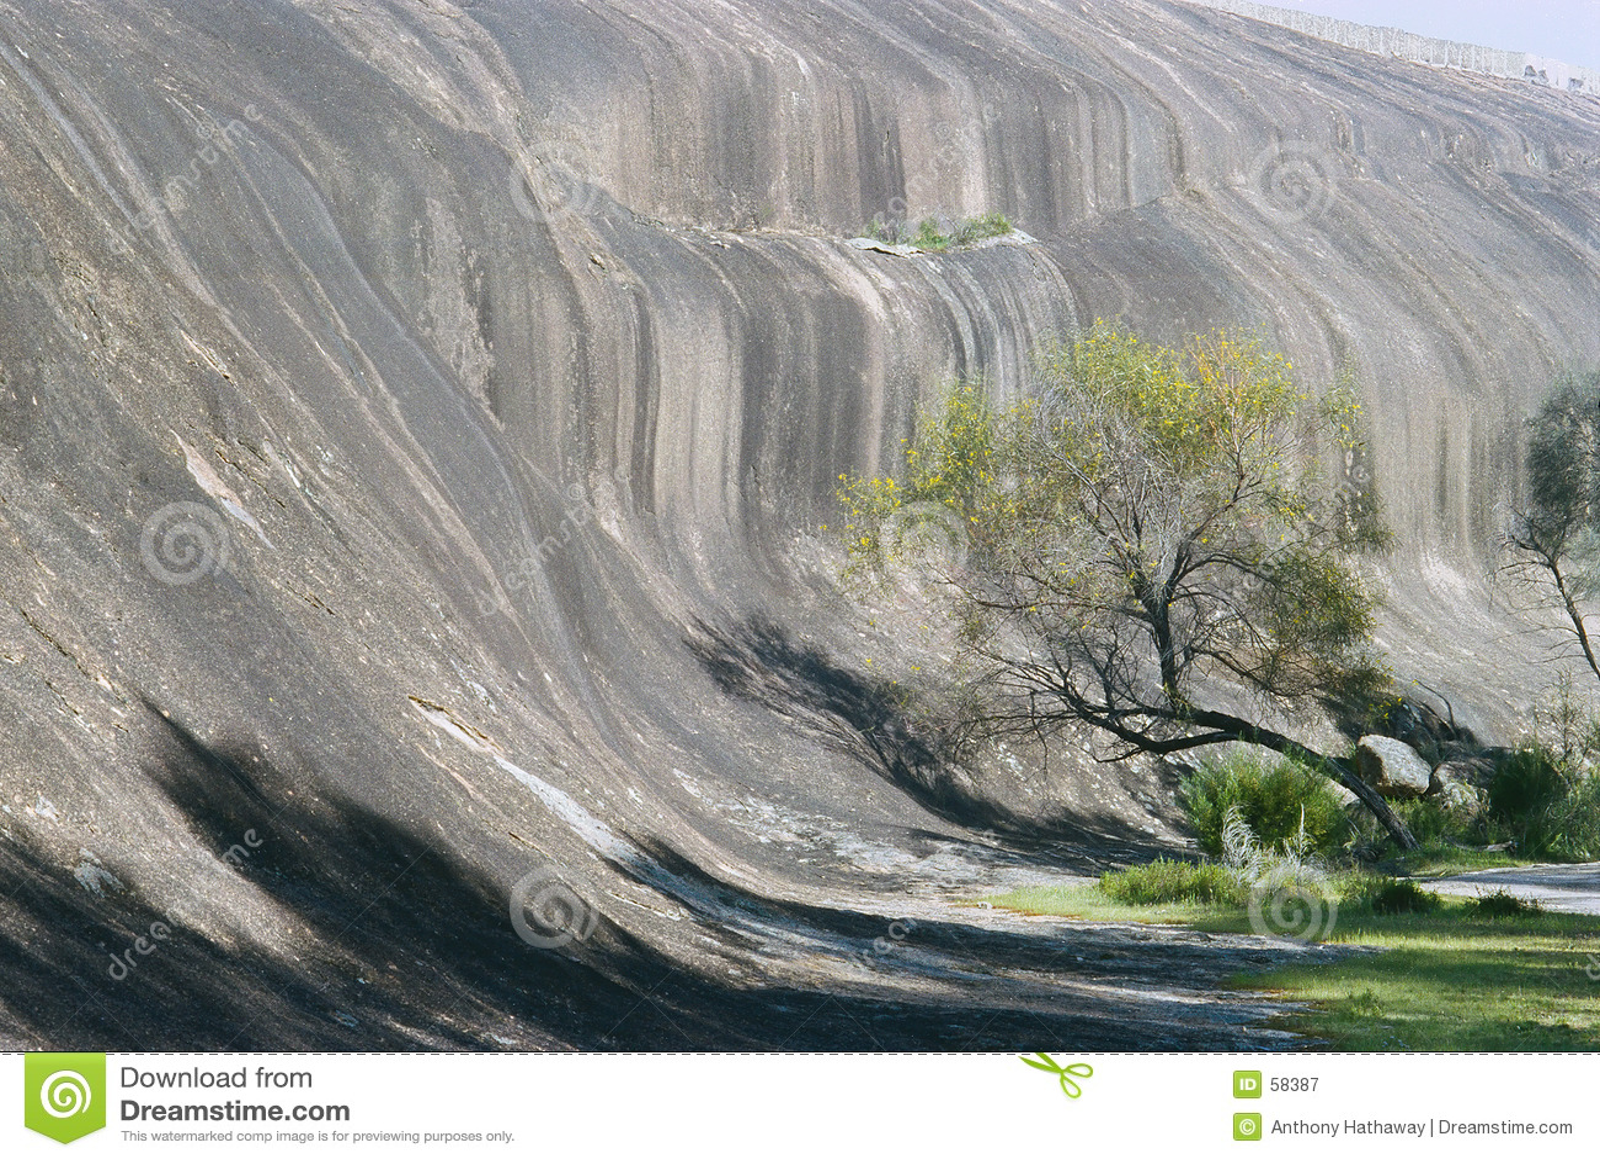 Roca de la onda